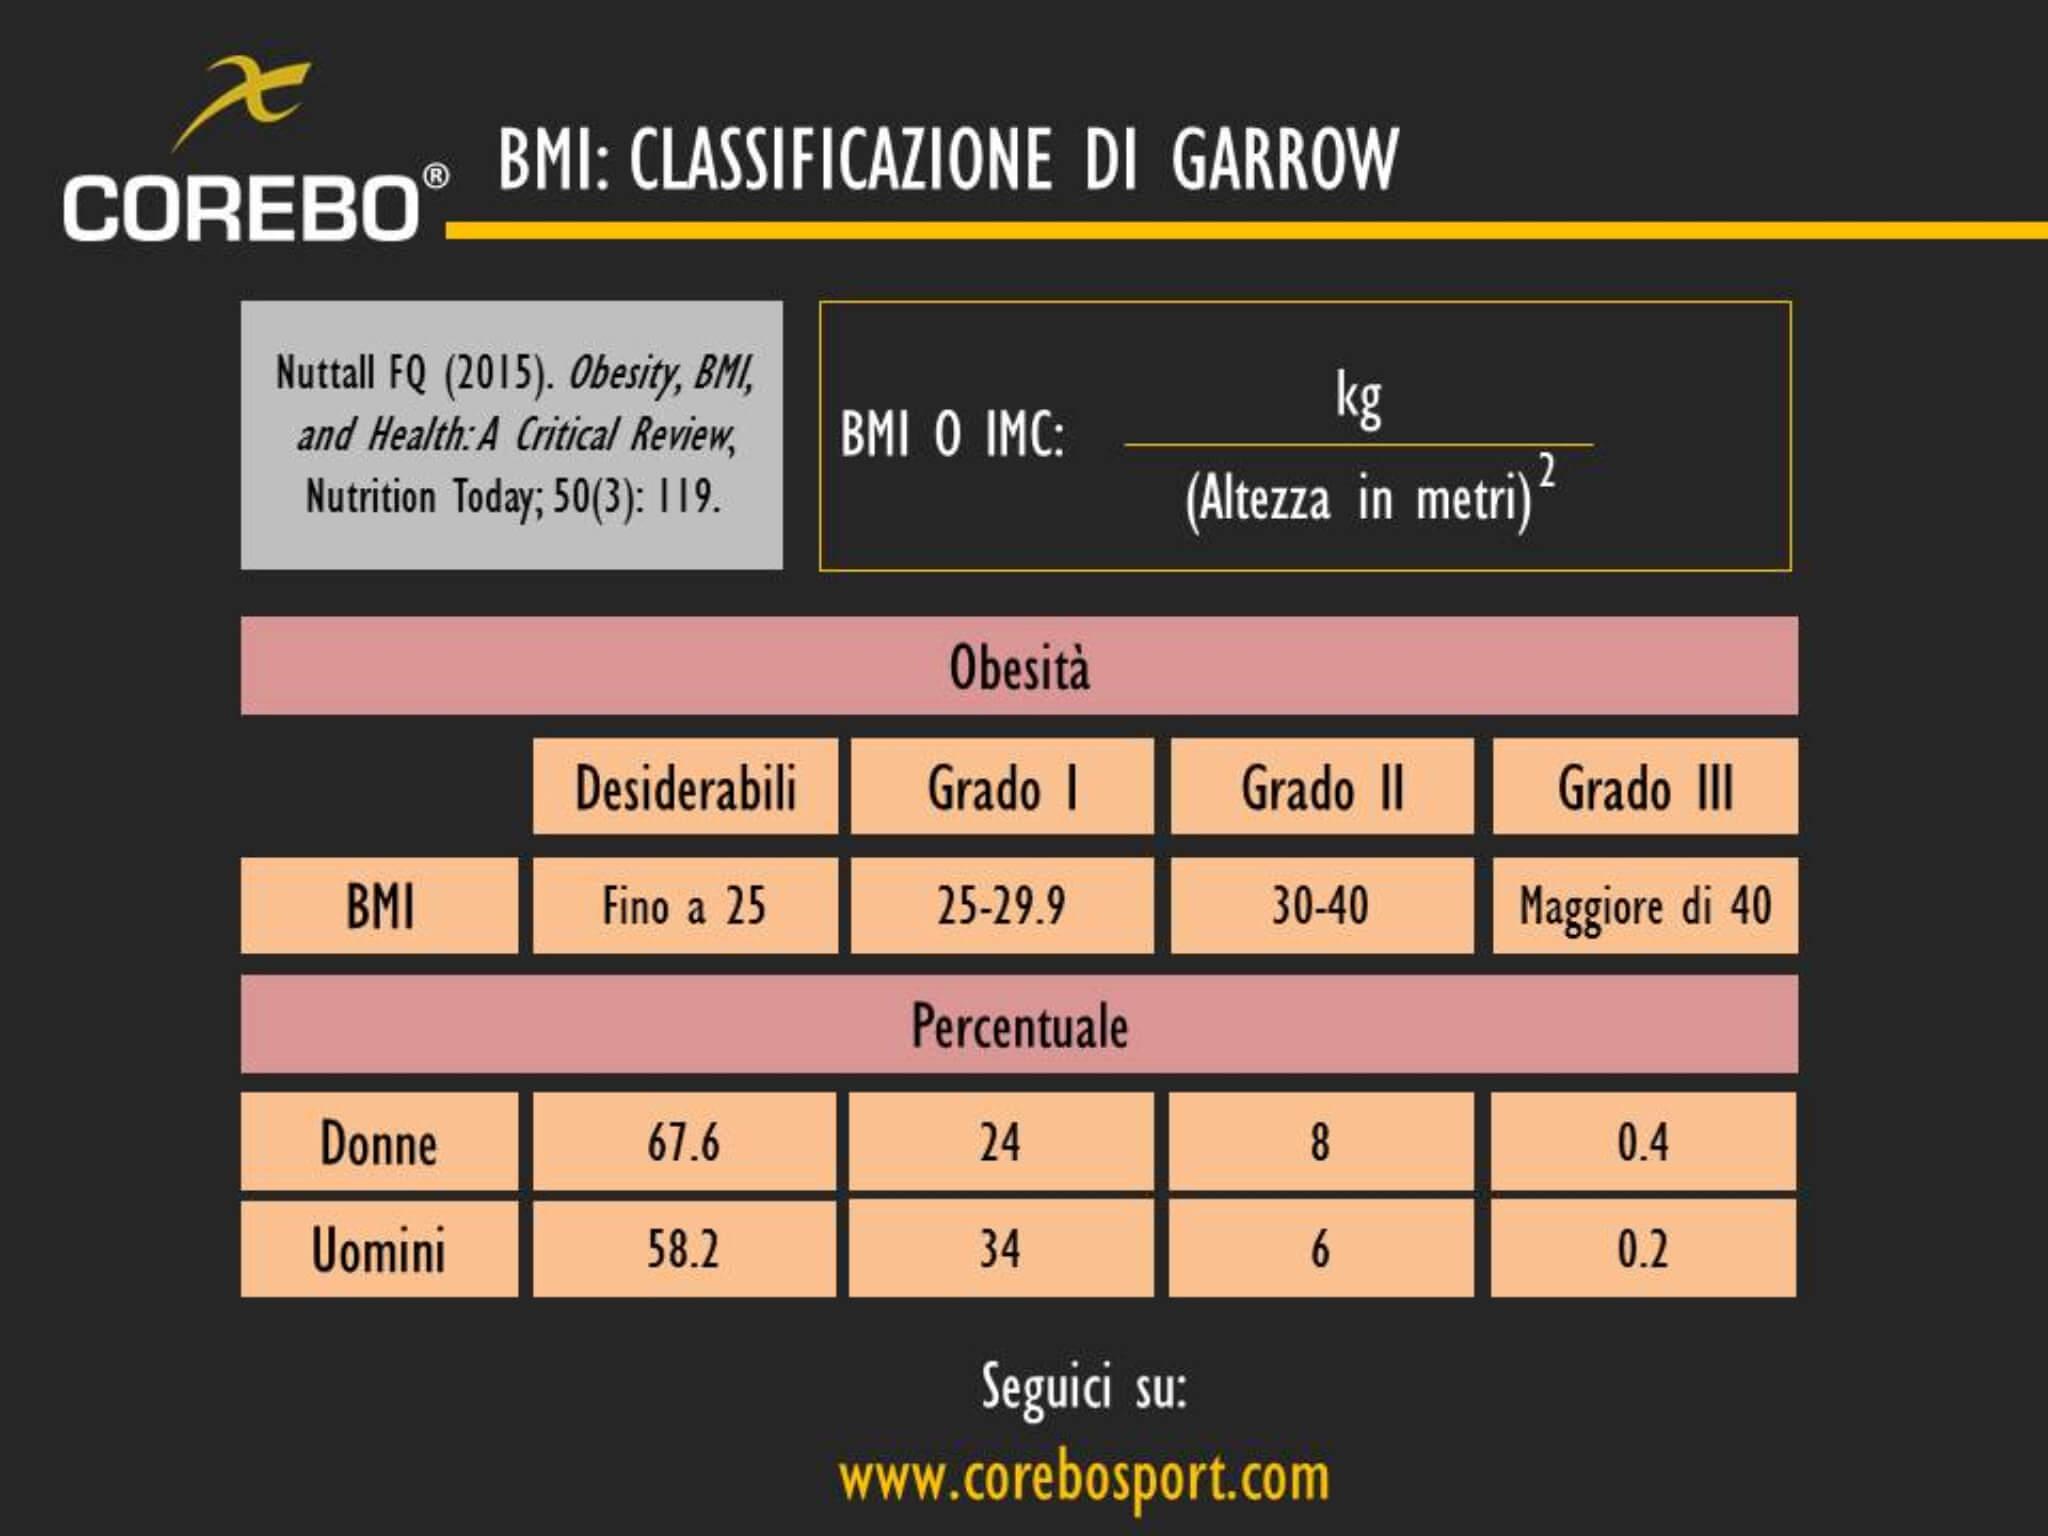 bmi classificazione di garrow